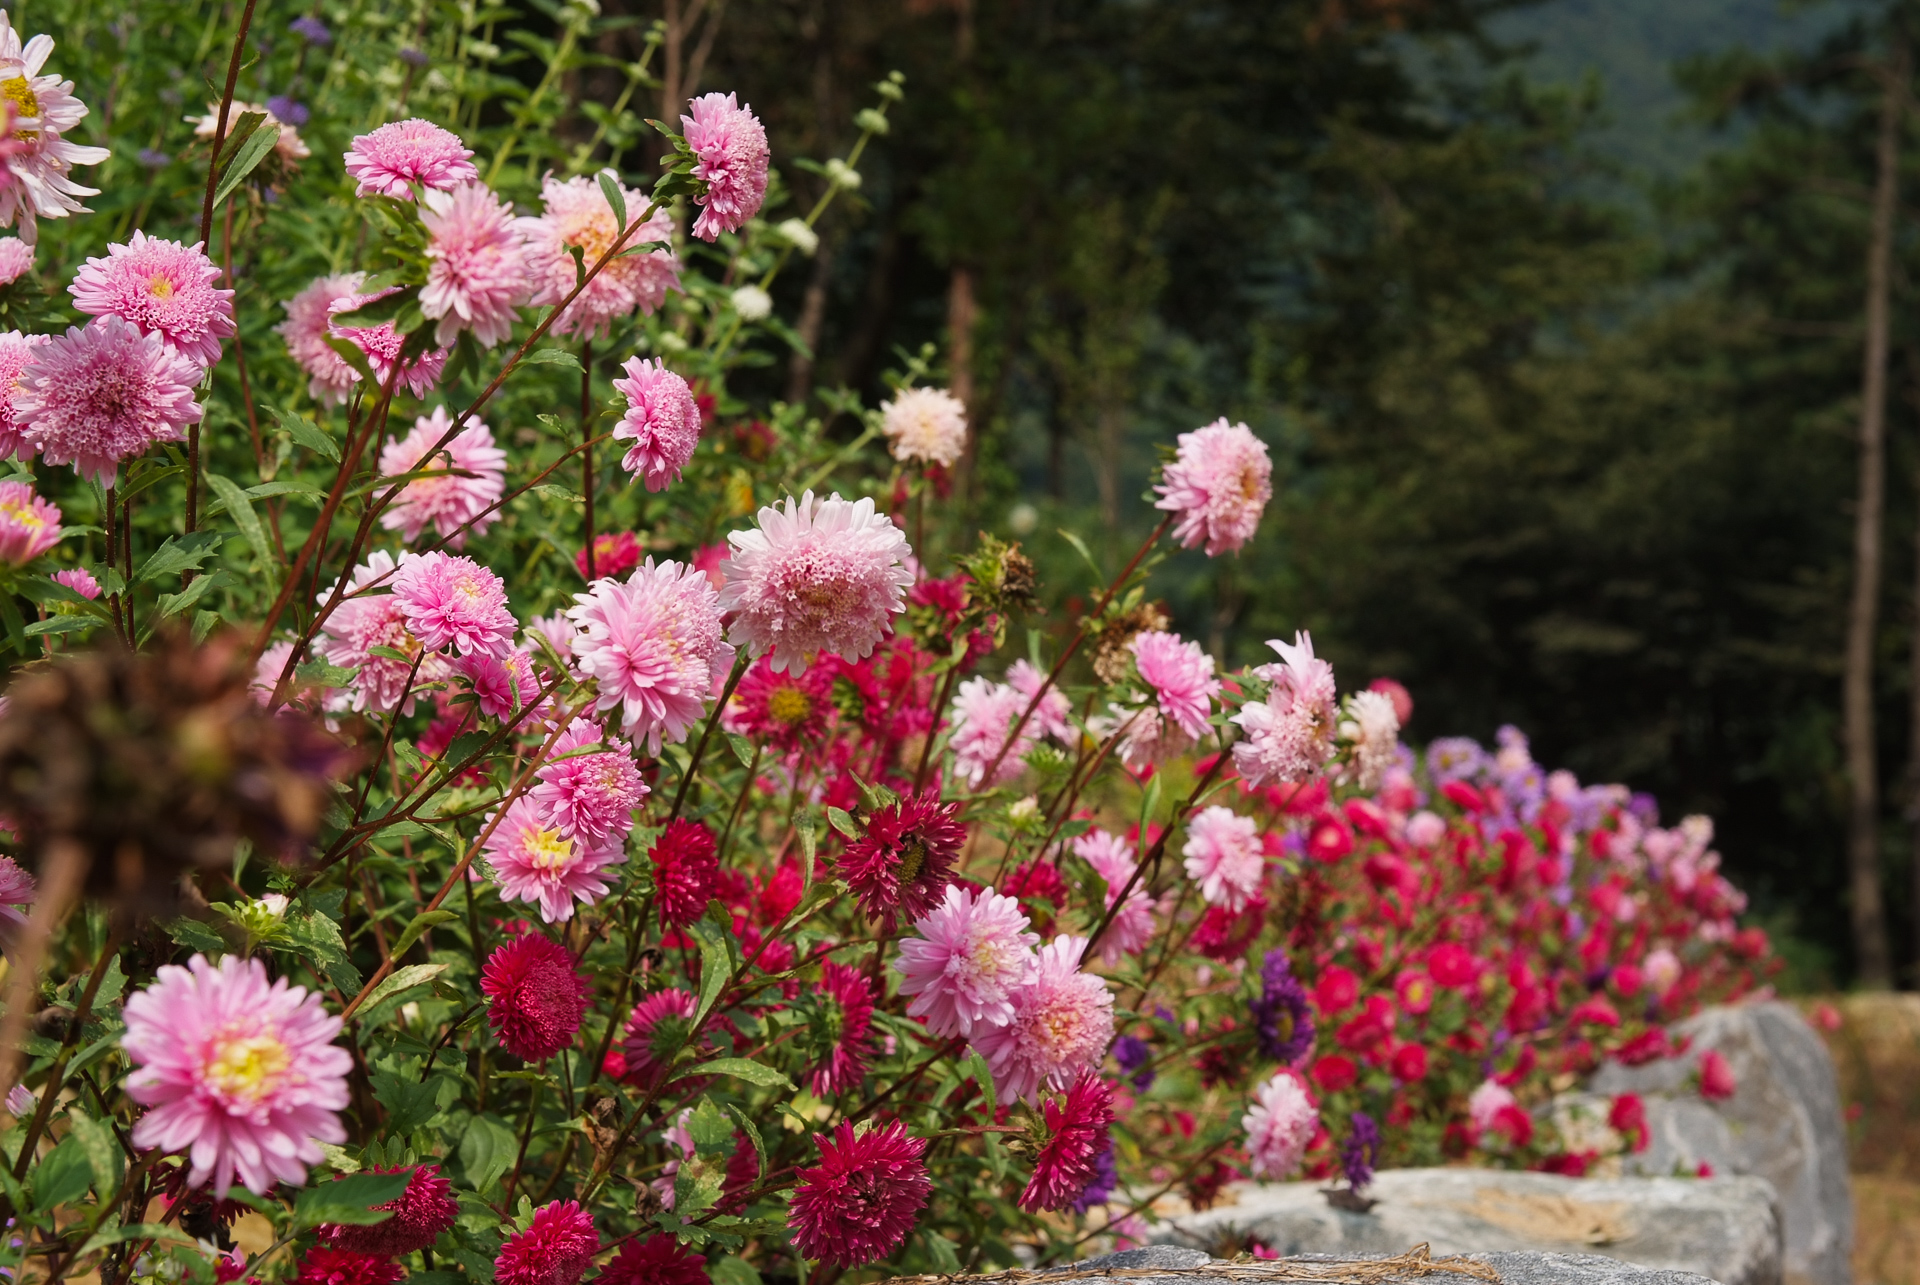 과꽃, Callistephus chinensis